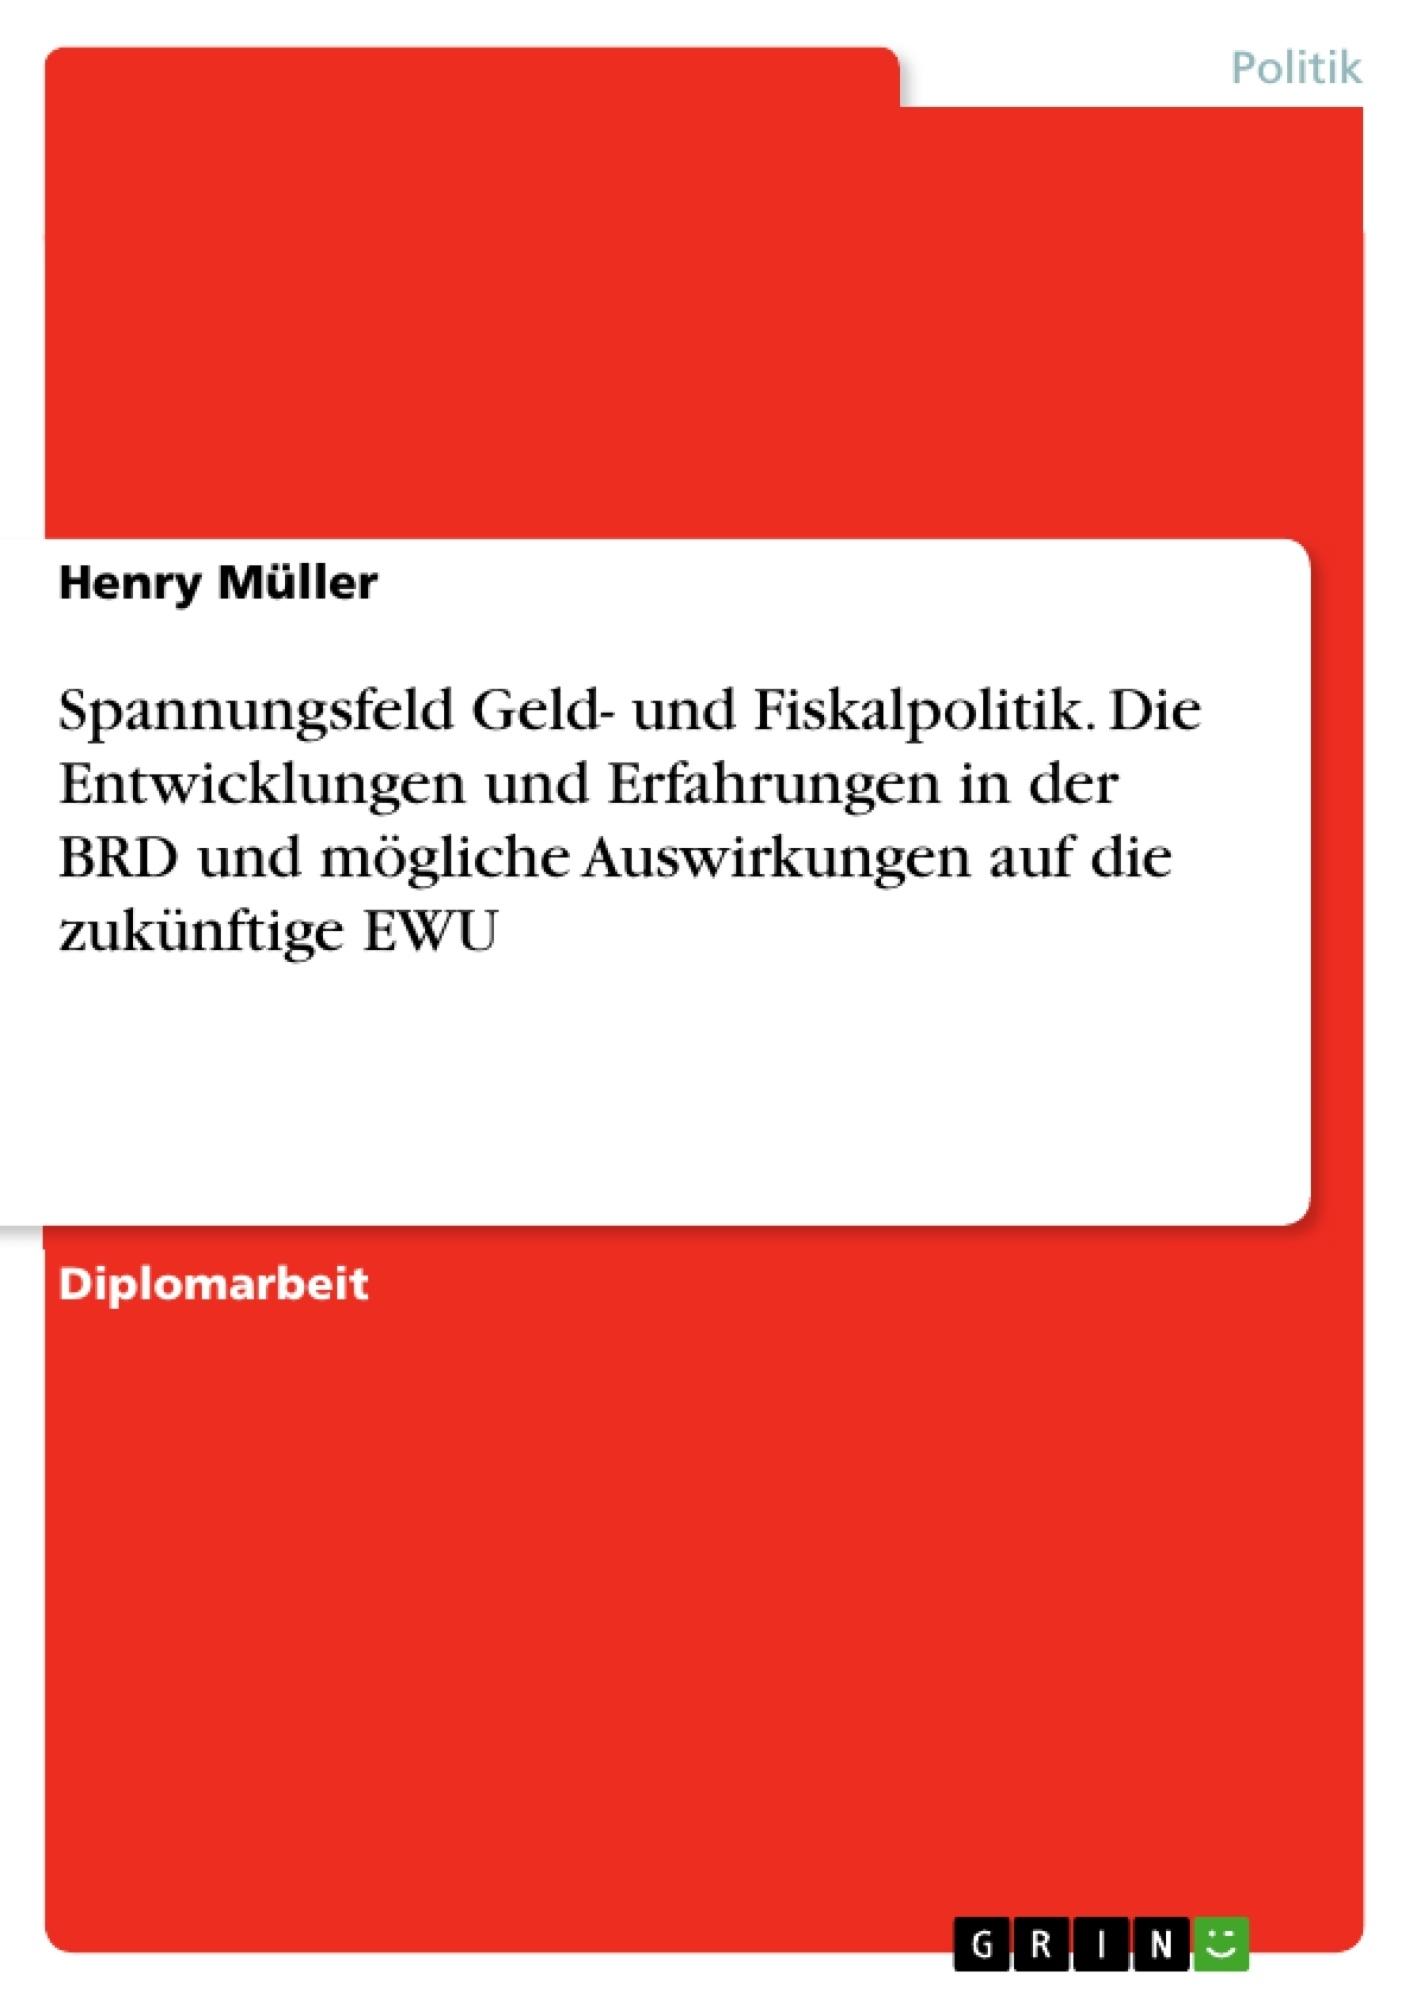 Titel: Spannungsfeld Geld- und Fiskalpolitik. Die Entwicklungen und Erfahrungen in der BRD und mögliche Auswirkungen auf die zukünftige EWU